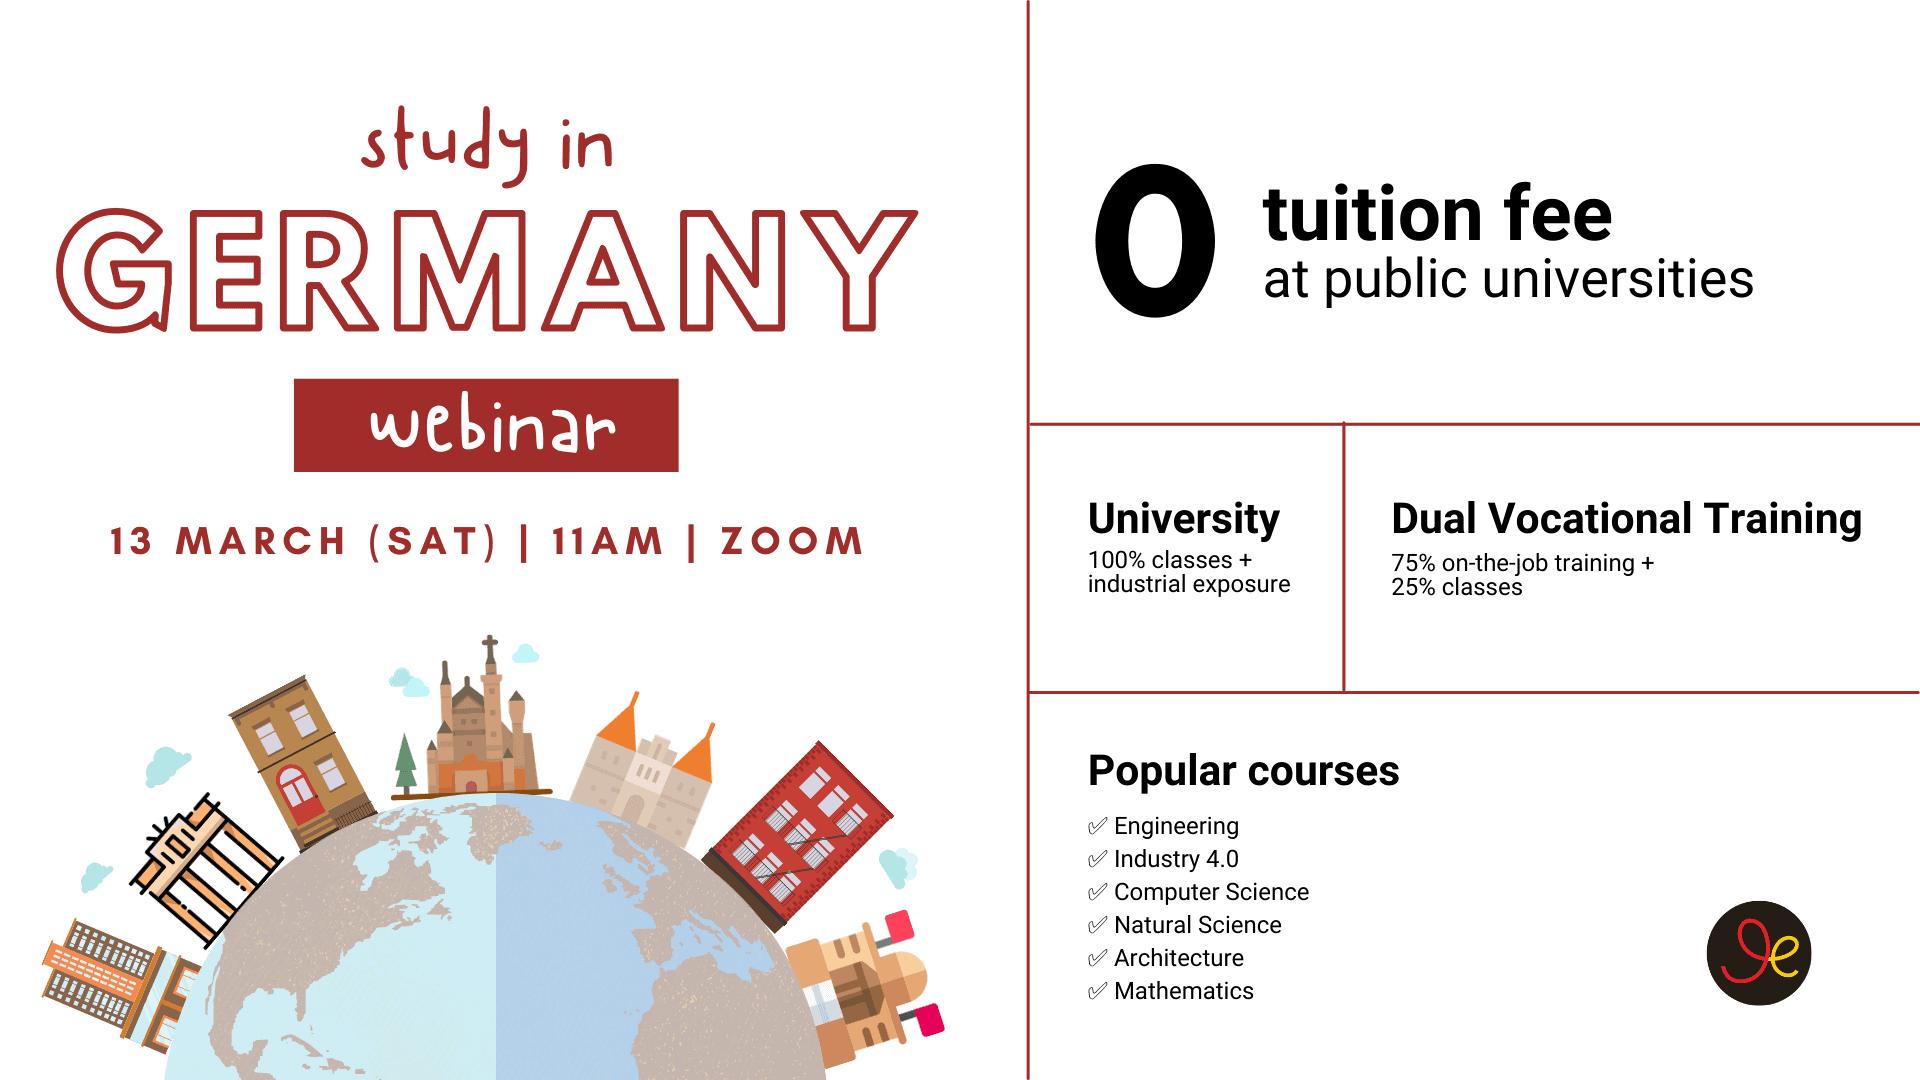 study in Germany webinar